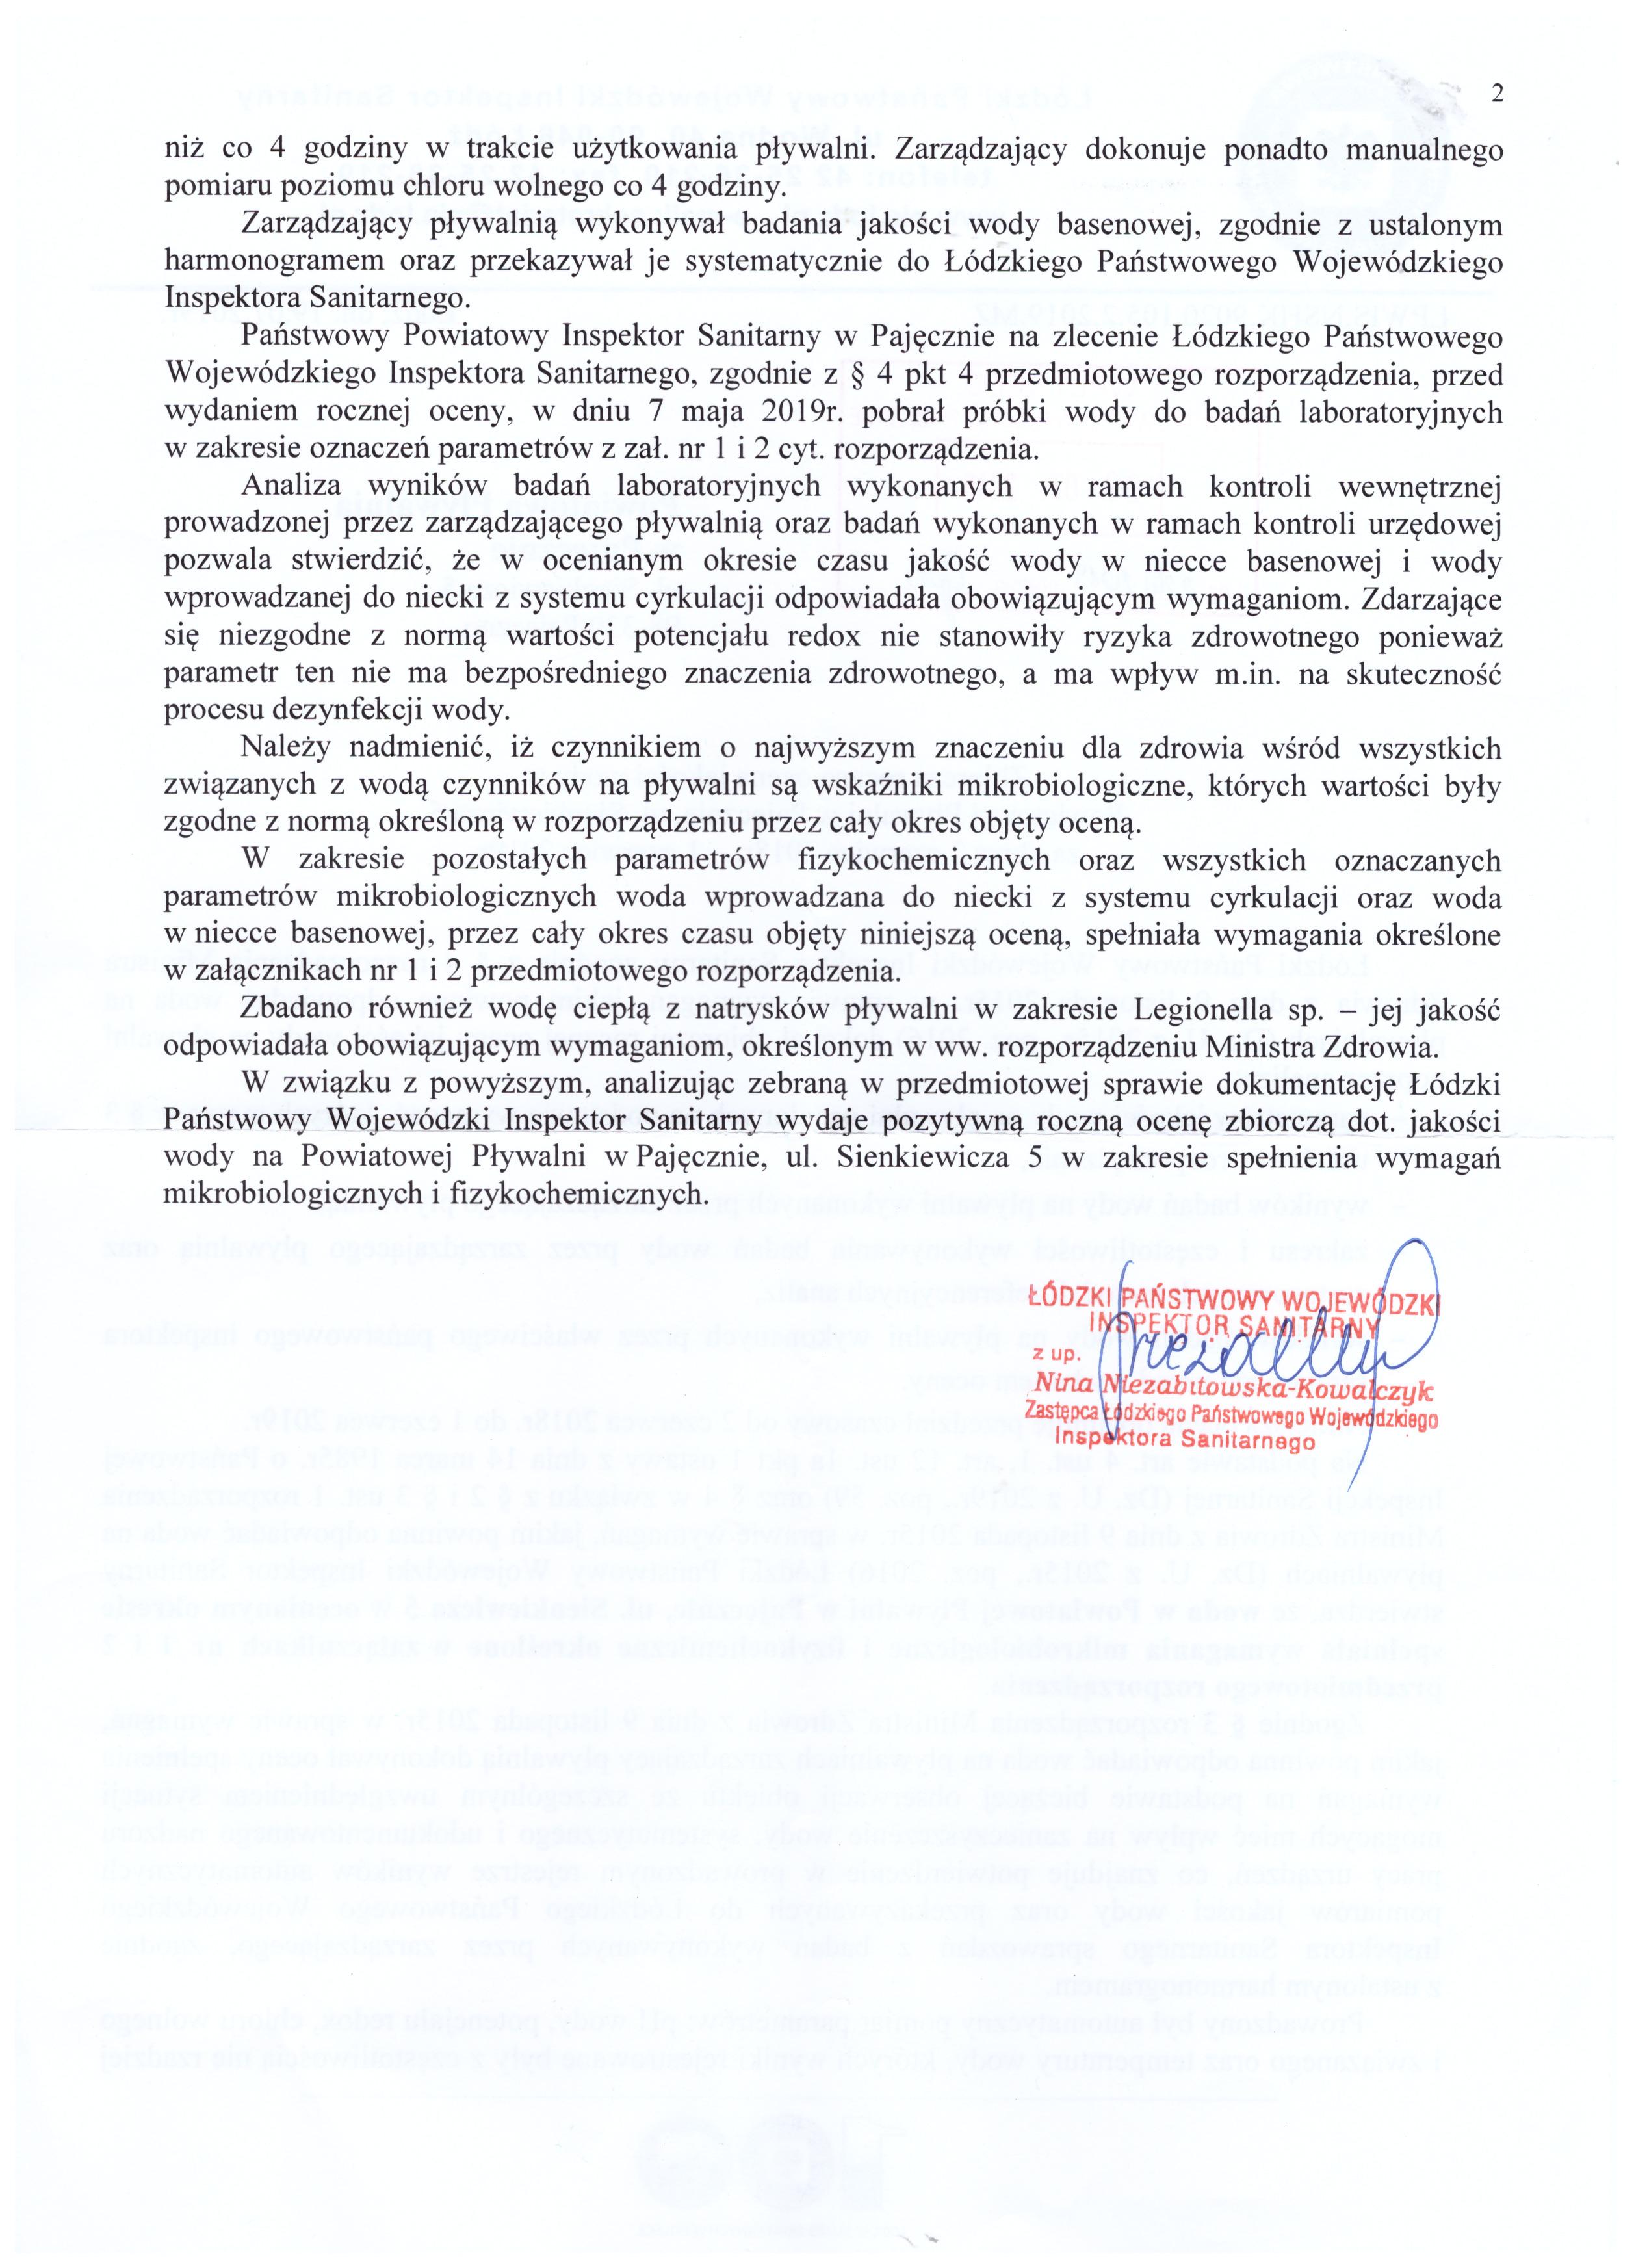 Zbiorcza roczna ocena jakości wody w Powiatowej Pływalni w Pajęcznie - strona 2